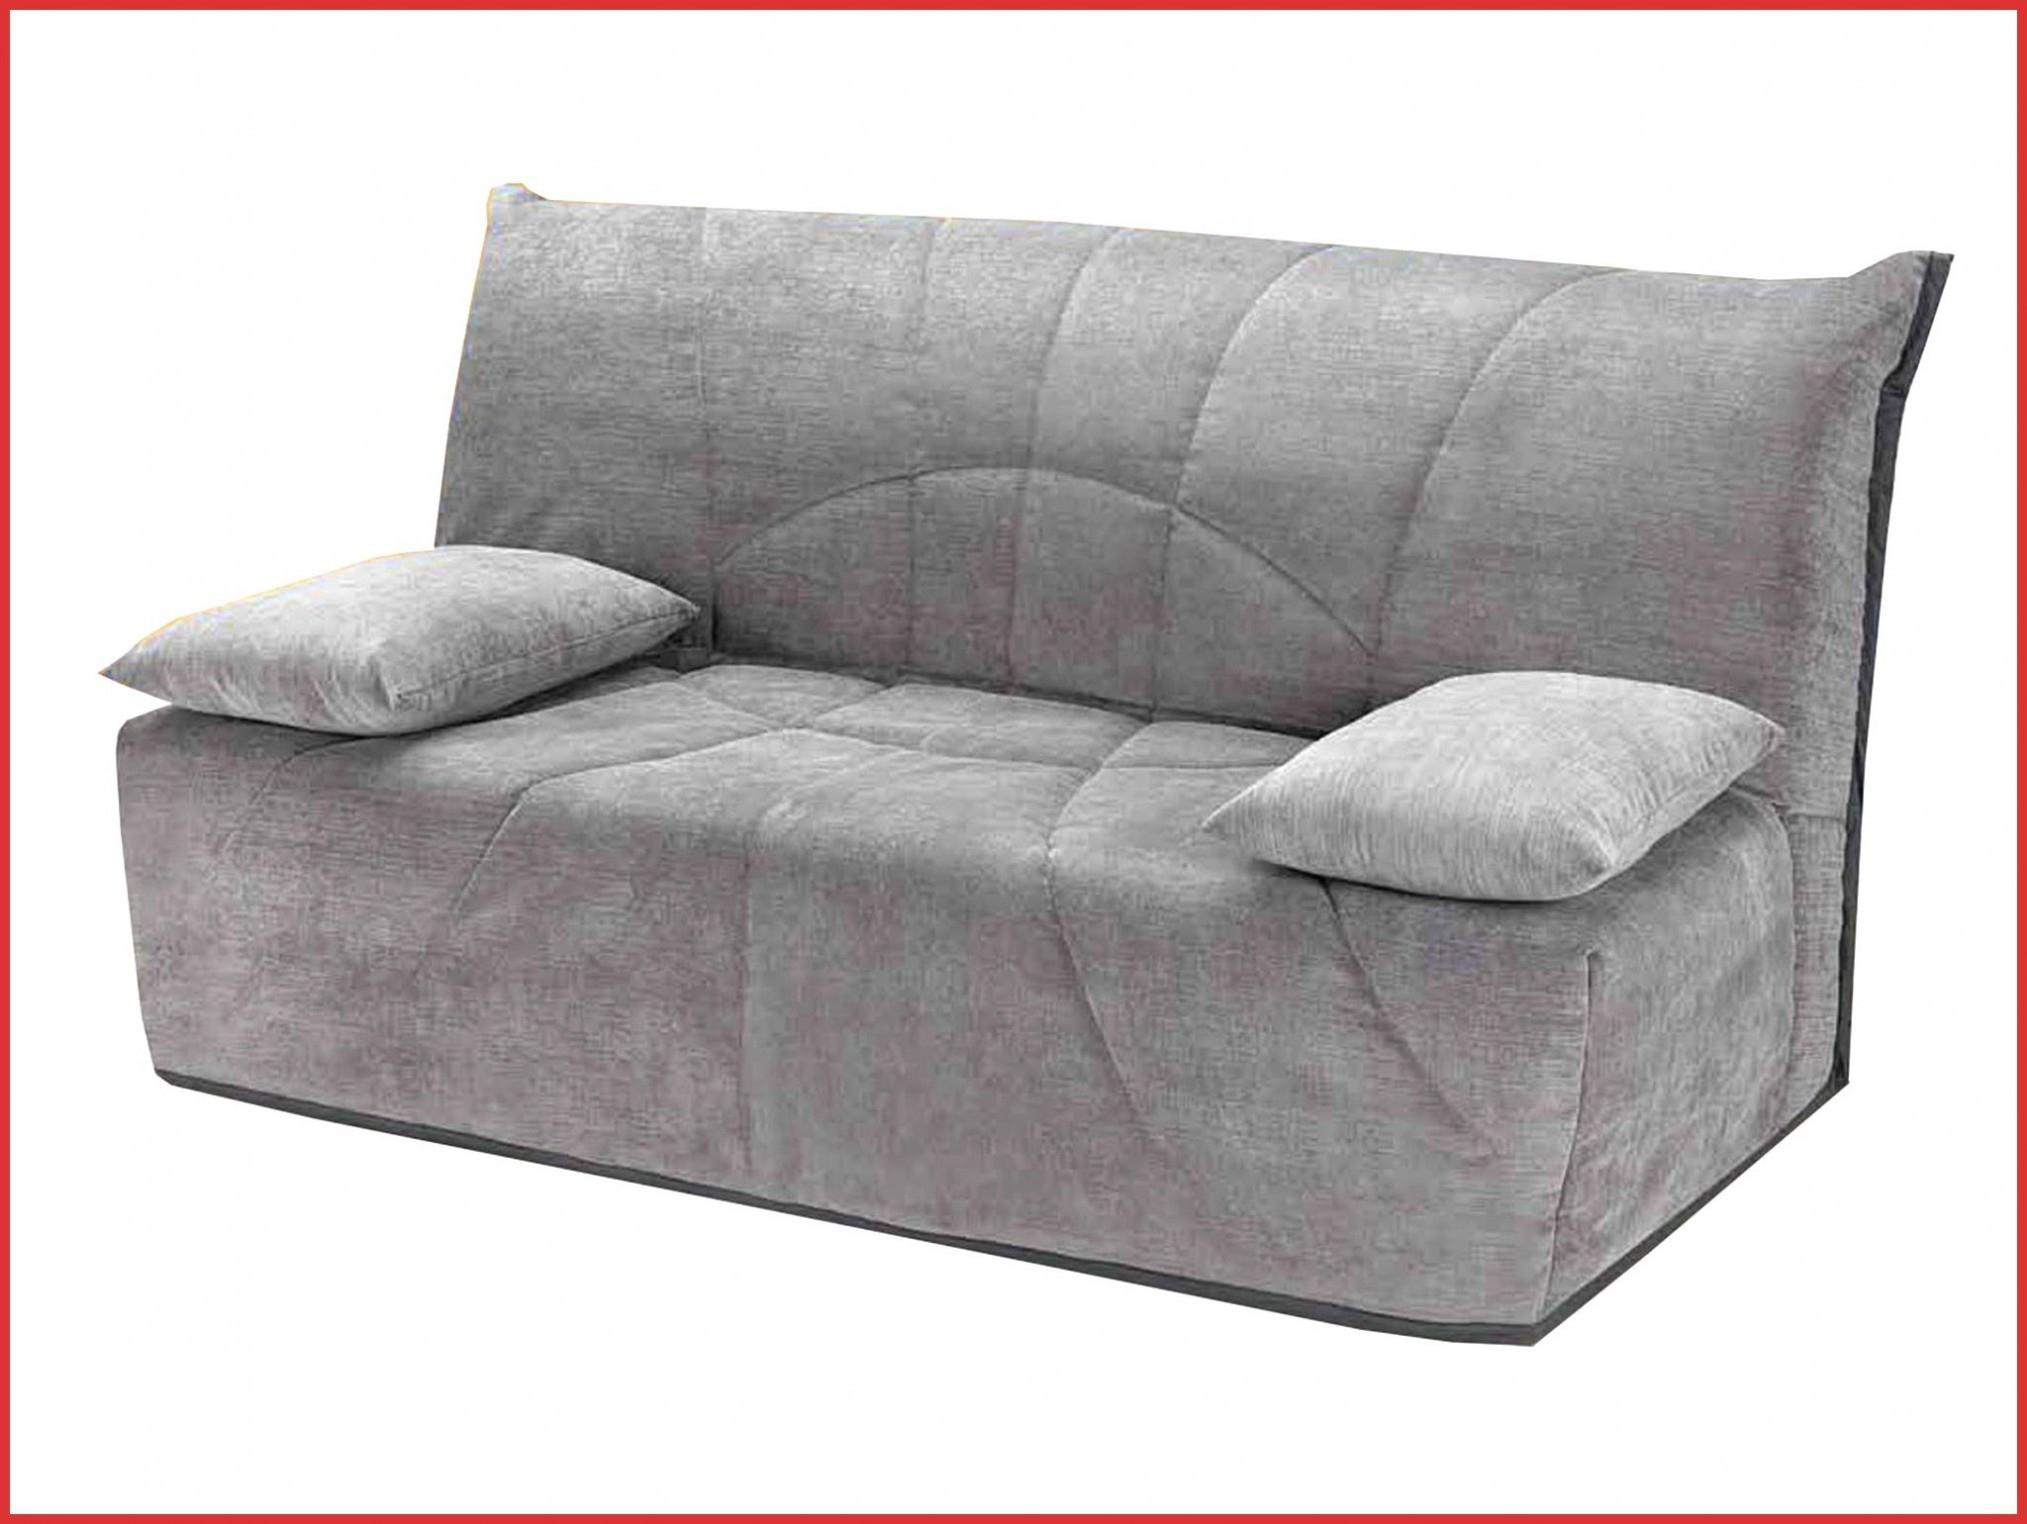 Housse Canapé 2 Places Ikea Beau Stock La Charmant Choisir Un Canapé Conception  Perfectionner La G Te